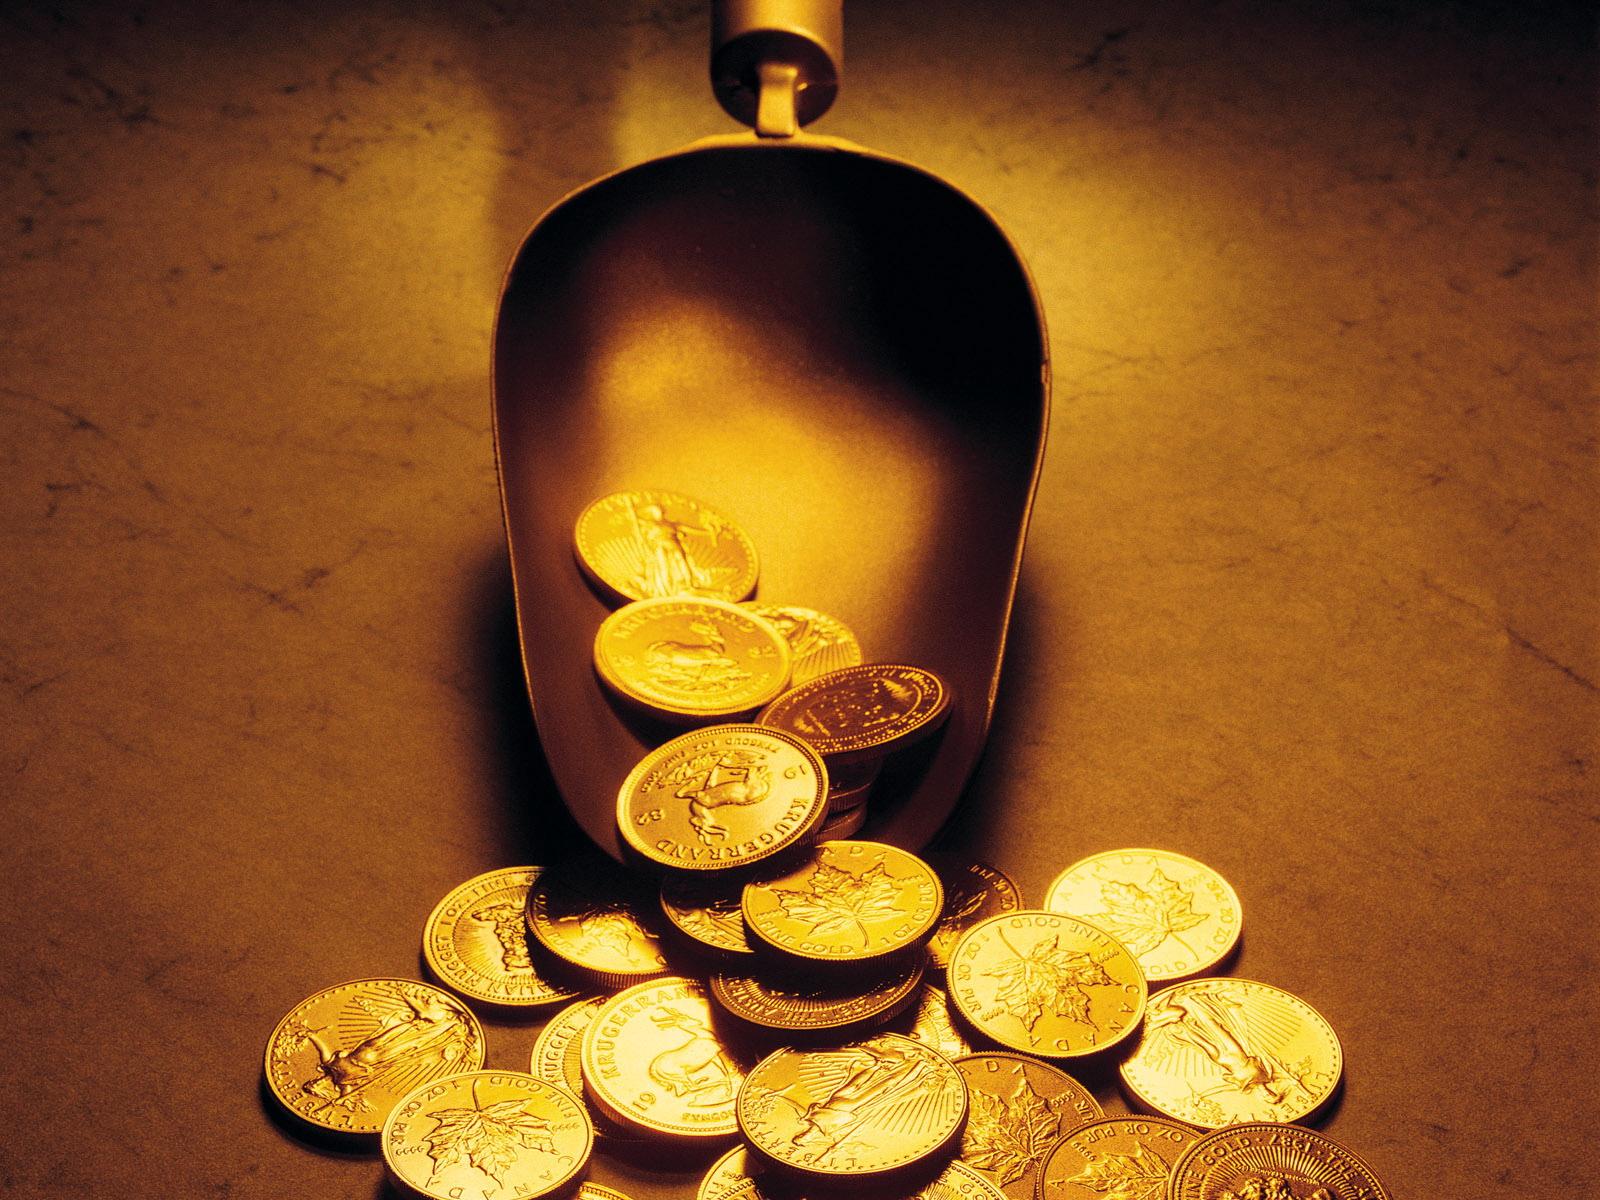 受貿易協議的不確定性跌宕起伏 黃金多空交投于1462美元附近